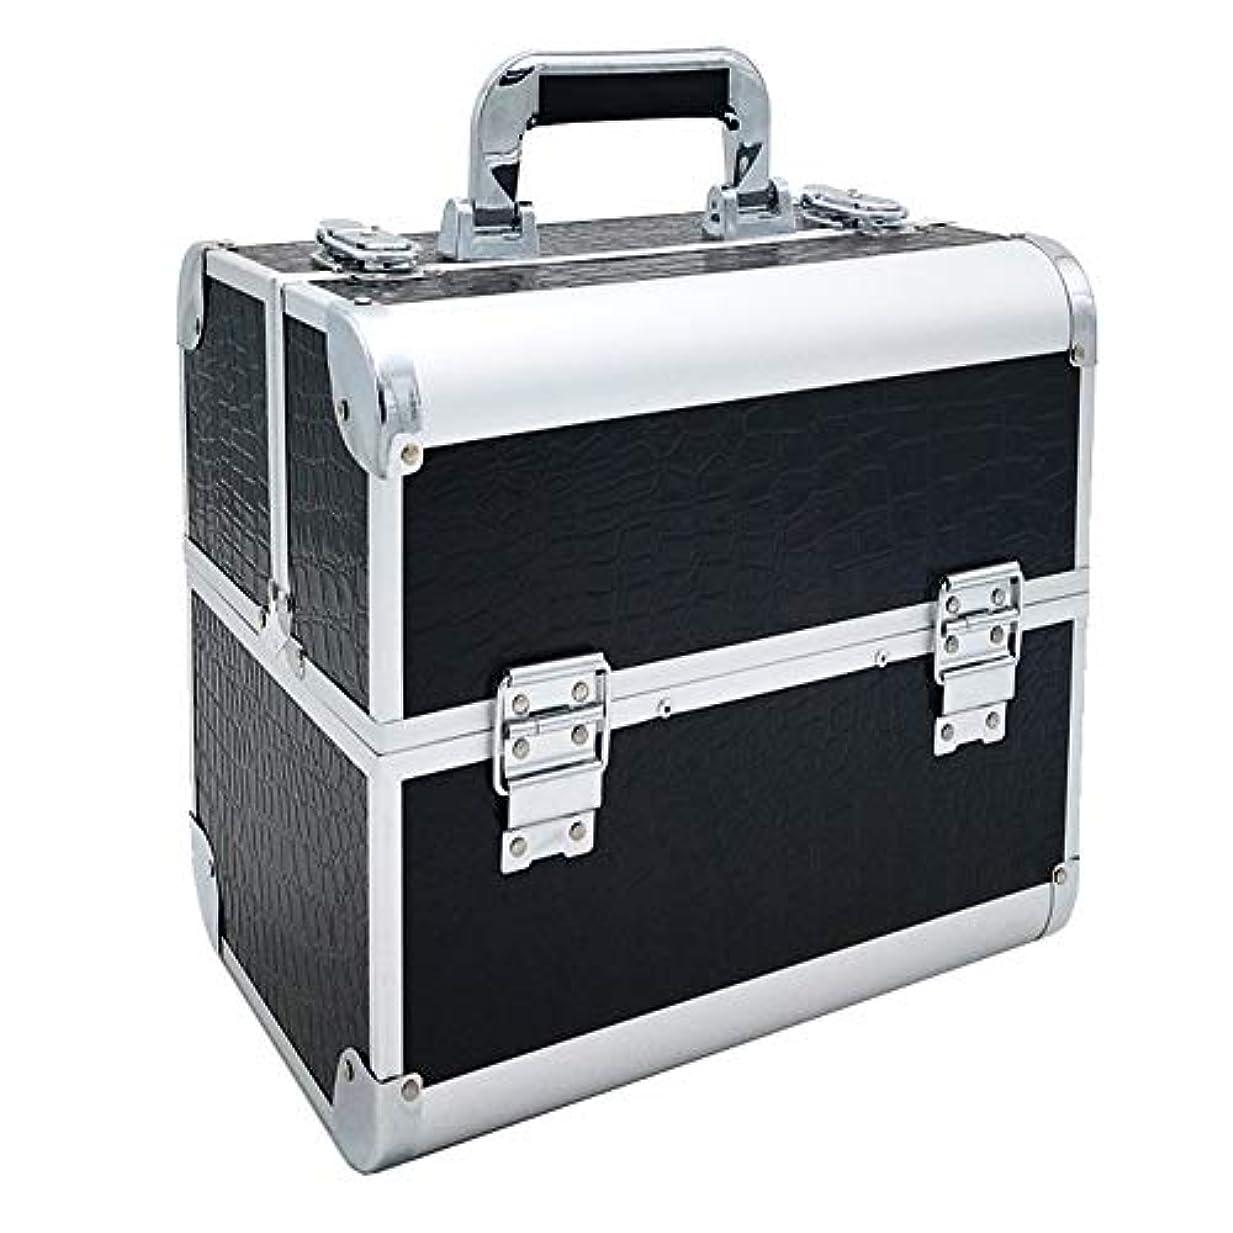 所有者衝突別れる特大スペース収納ビューティーボックス 調節可能なディバイダーが付いている構造の電車箱の専門の化粧品カセット4つの皿および2つのロック黒、ピンク任意。 化粧品化粧台